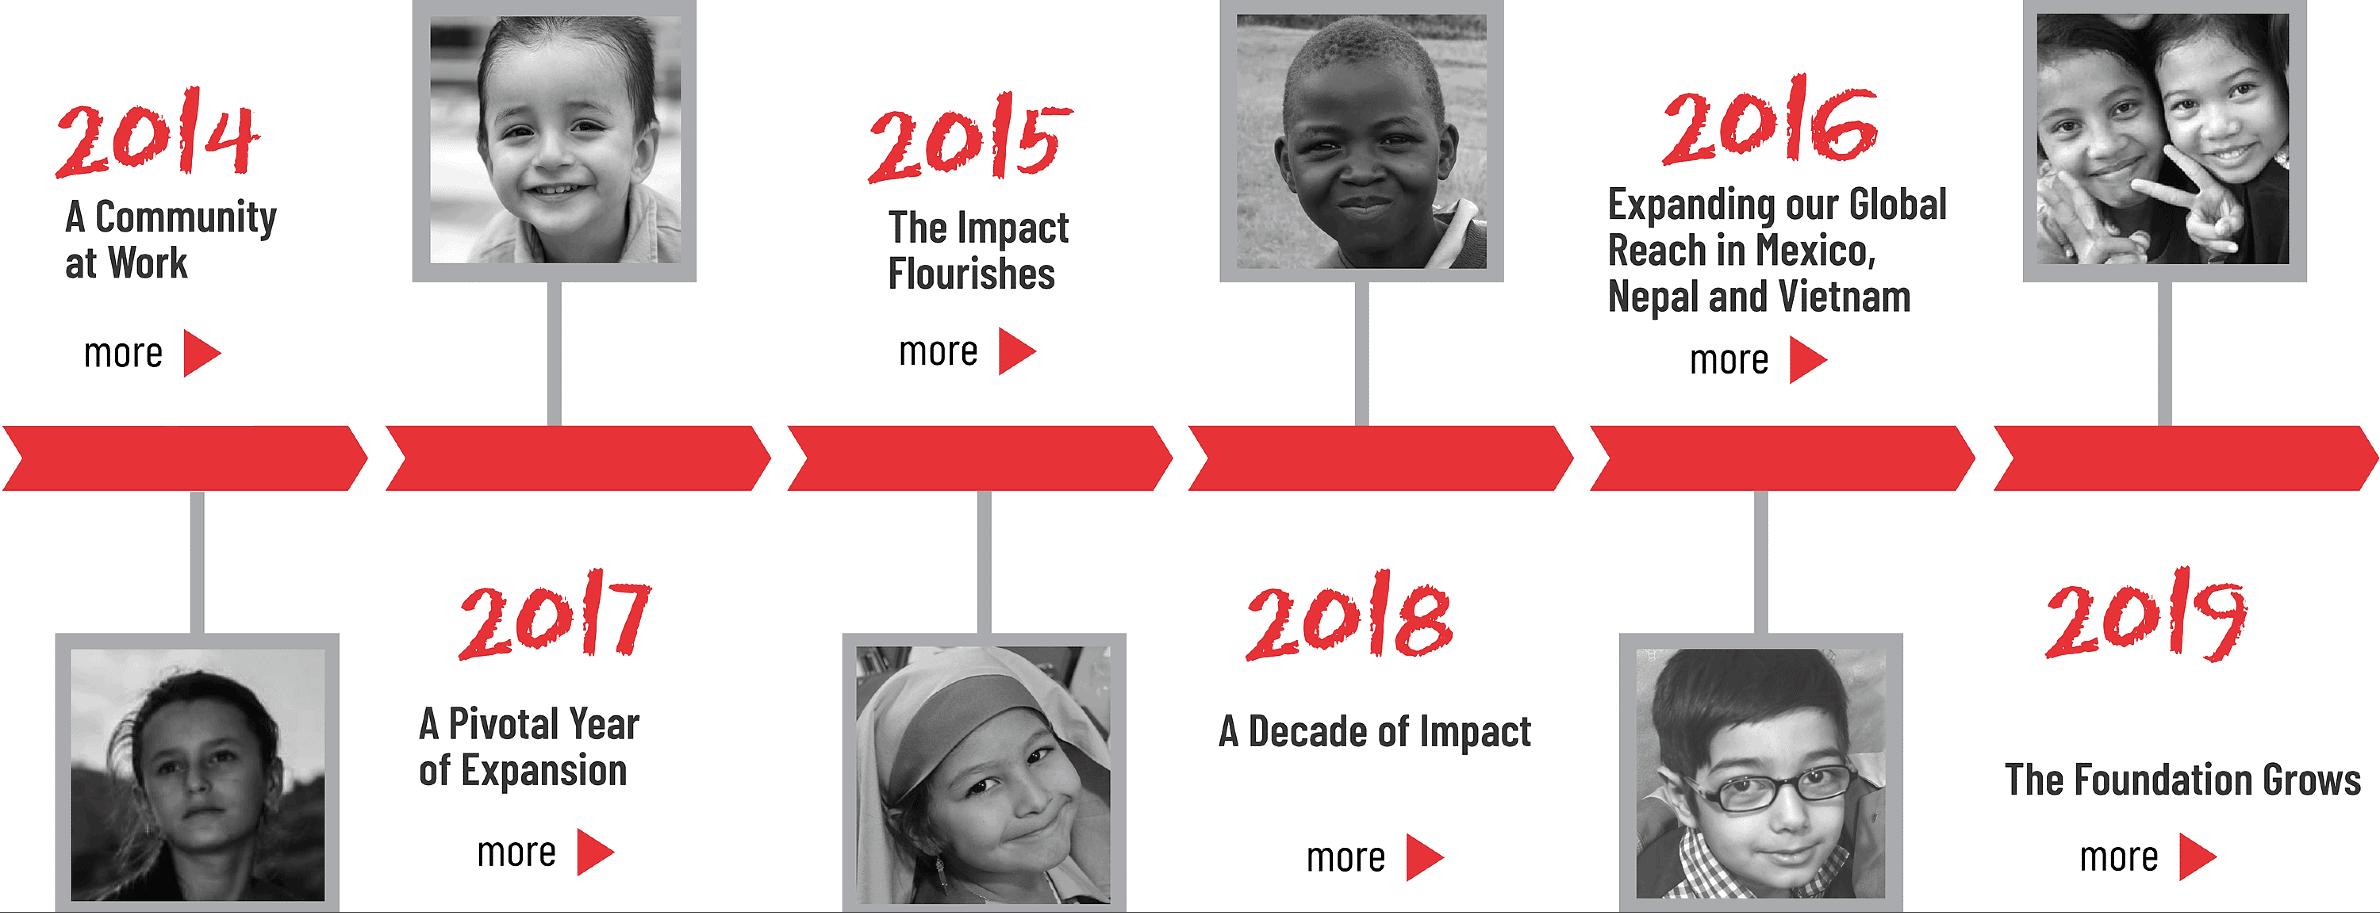 Impact 2014-2019